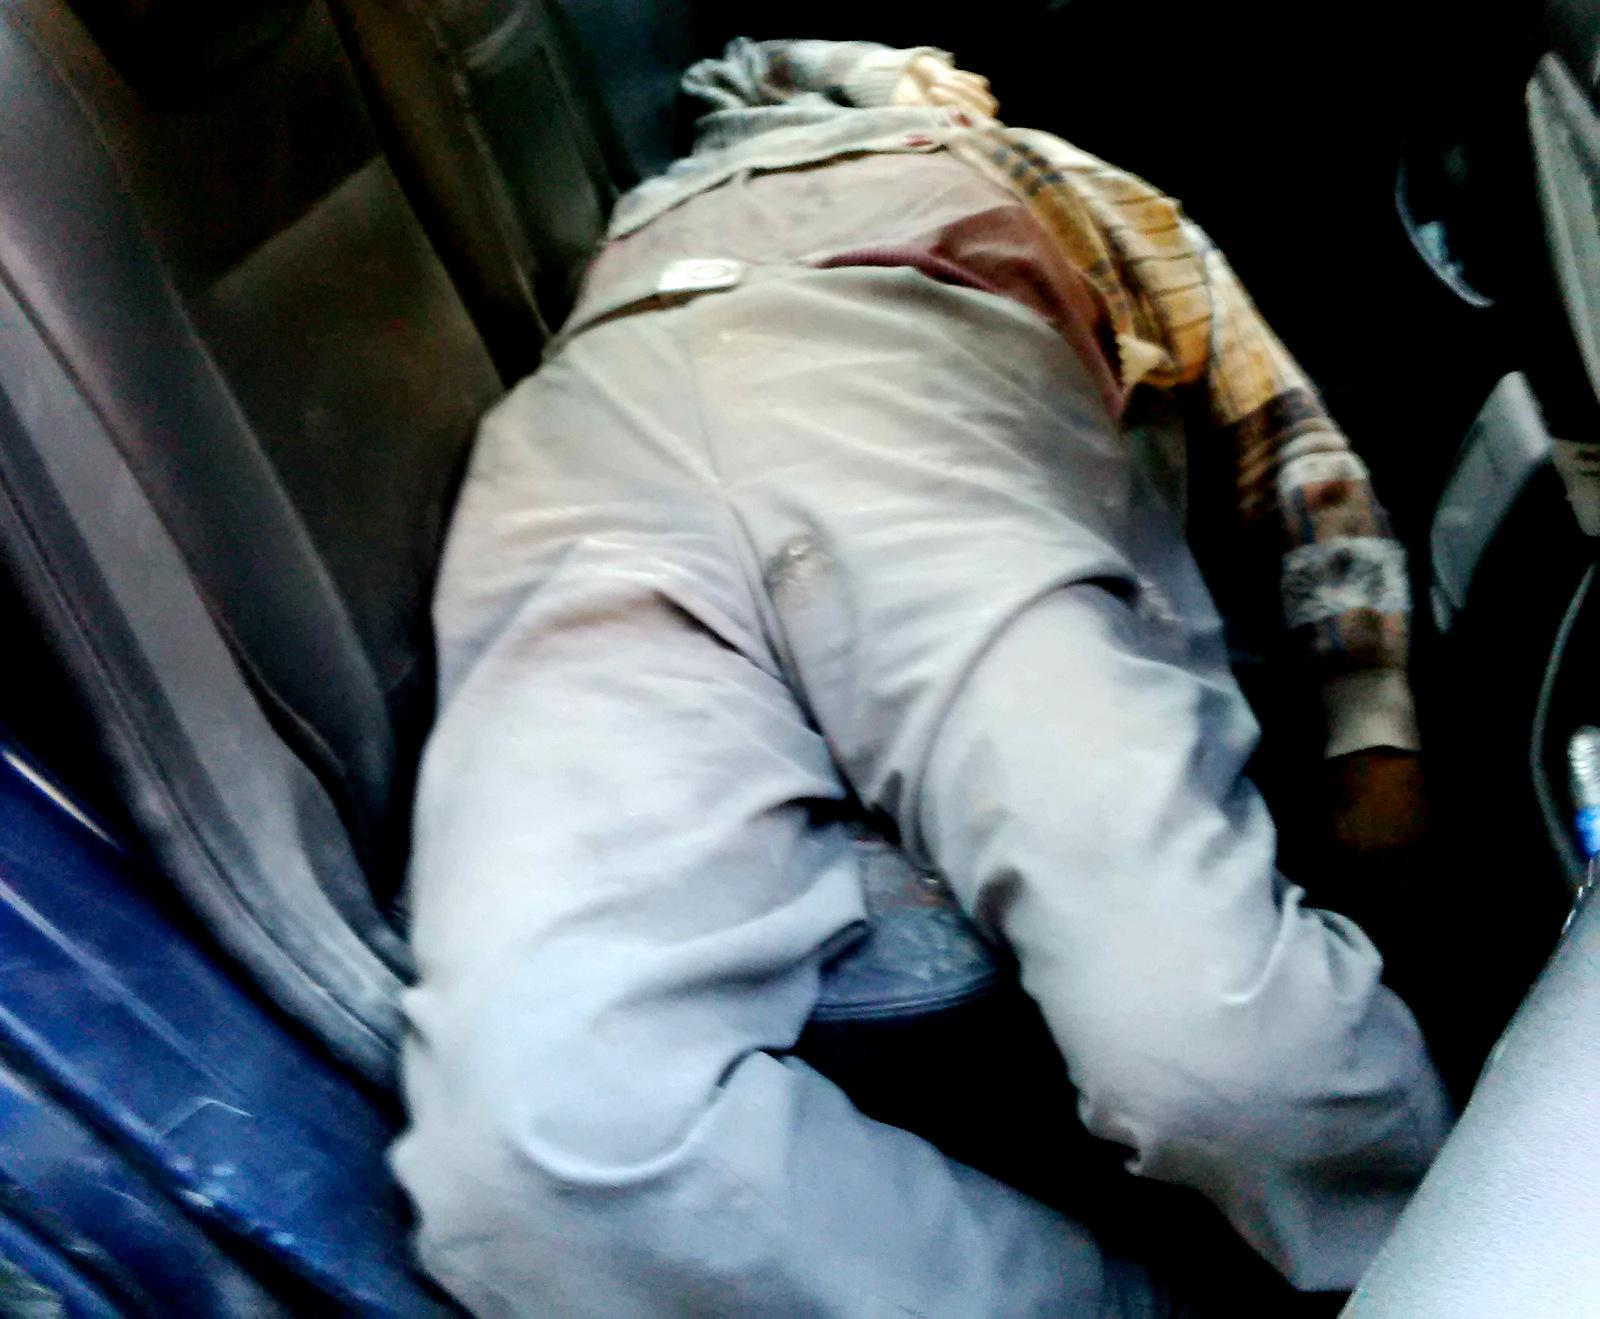 The body of a civilian who was killed in the Nov. 3 attacks in Aleppo.